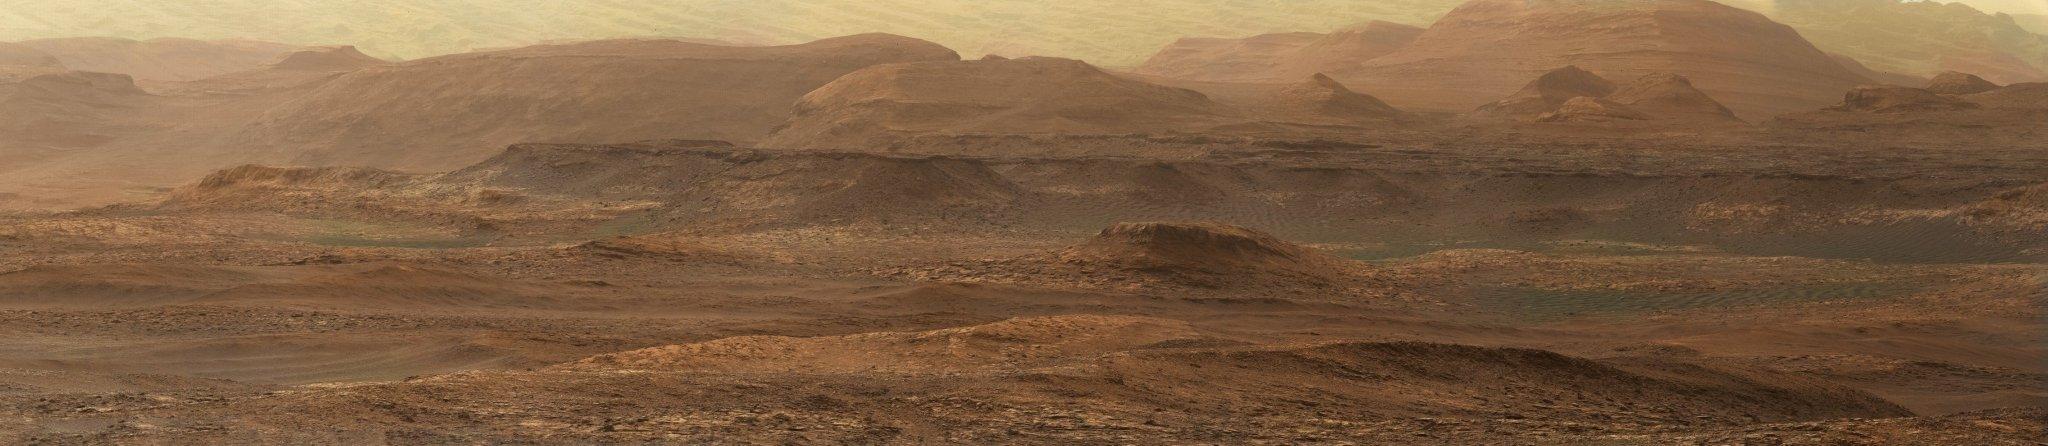 [Curiosity/MSL] L'exploration du cratère Gale (3/3) Dw5ycfrWkAA9UJq